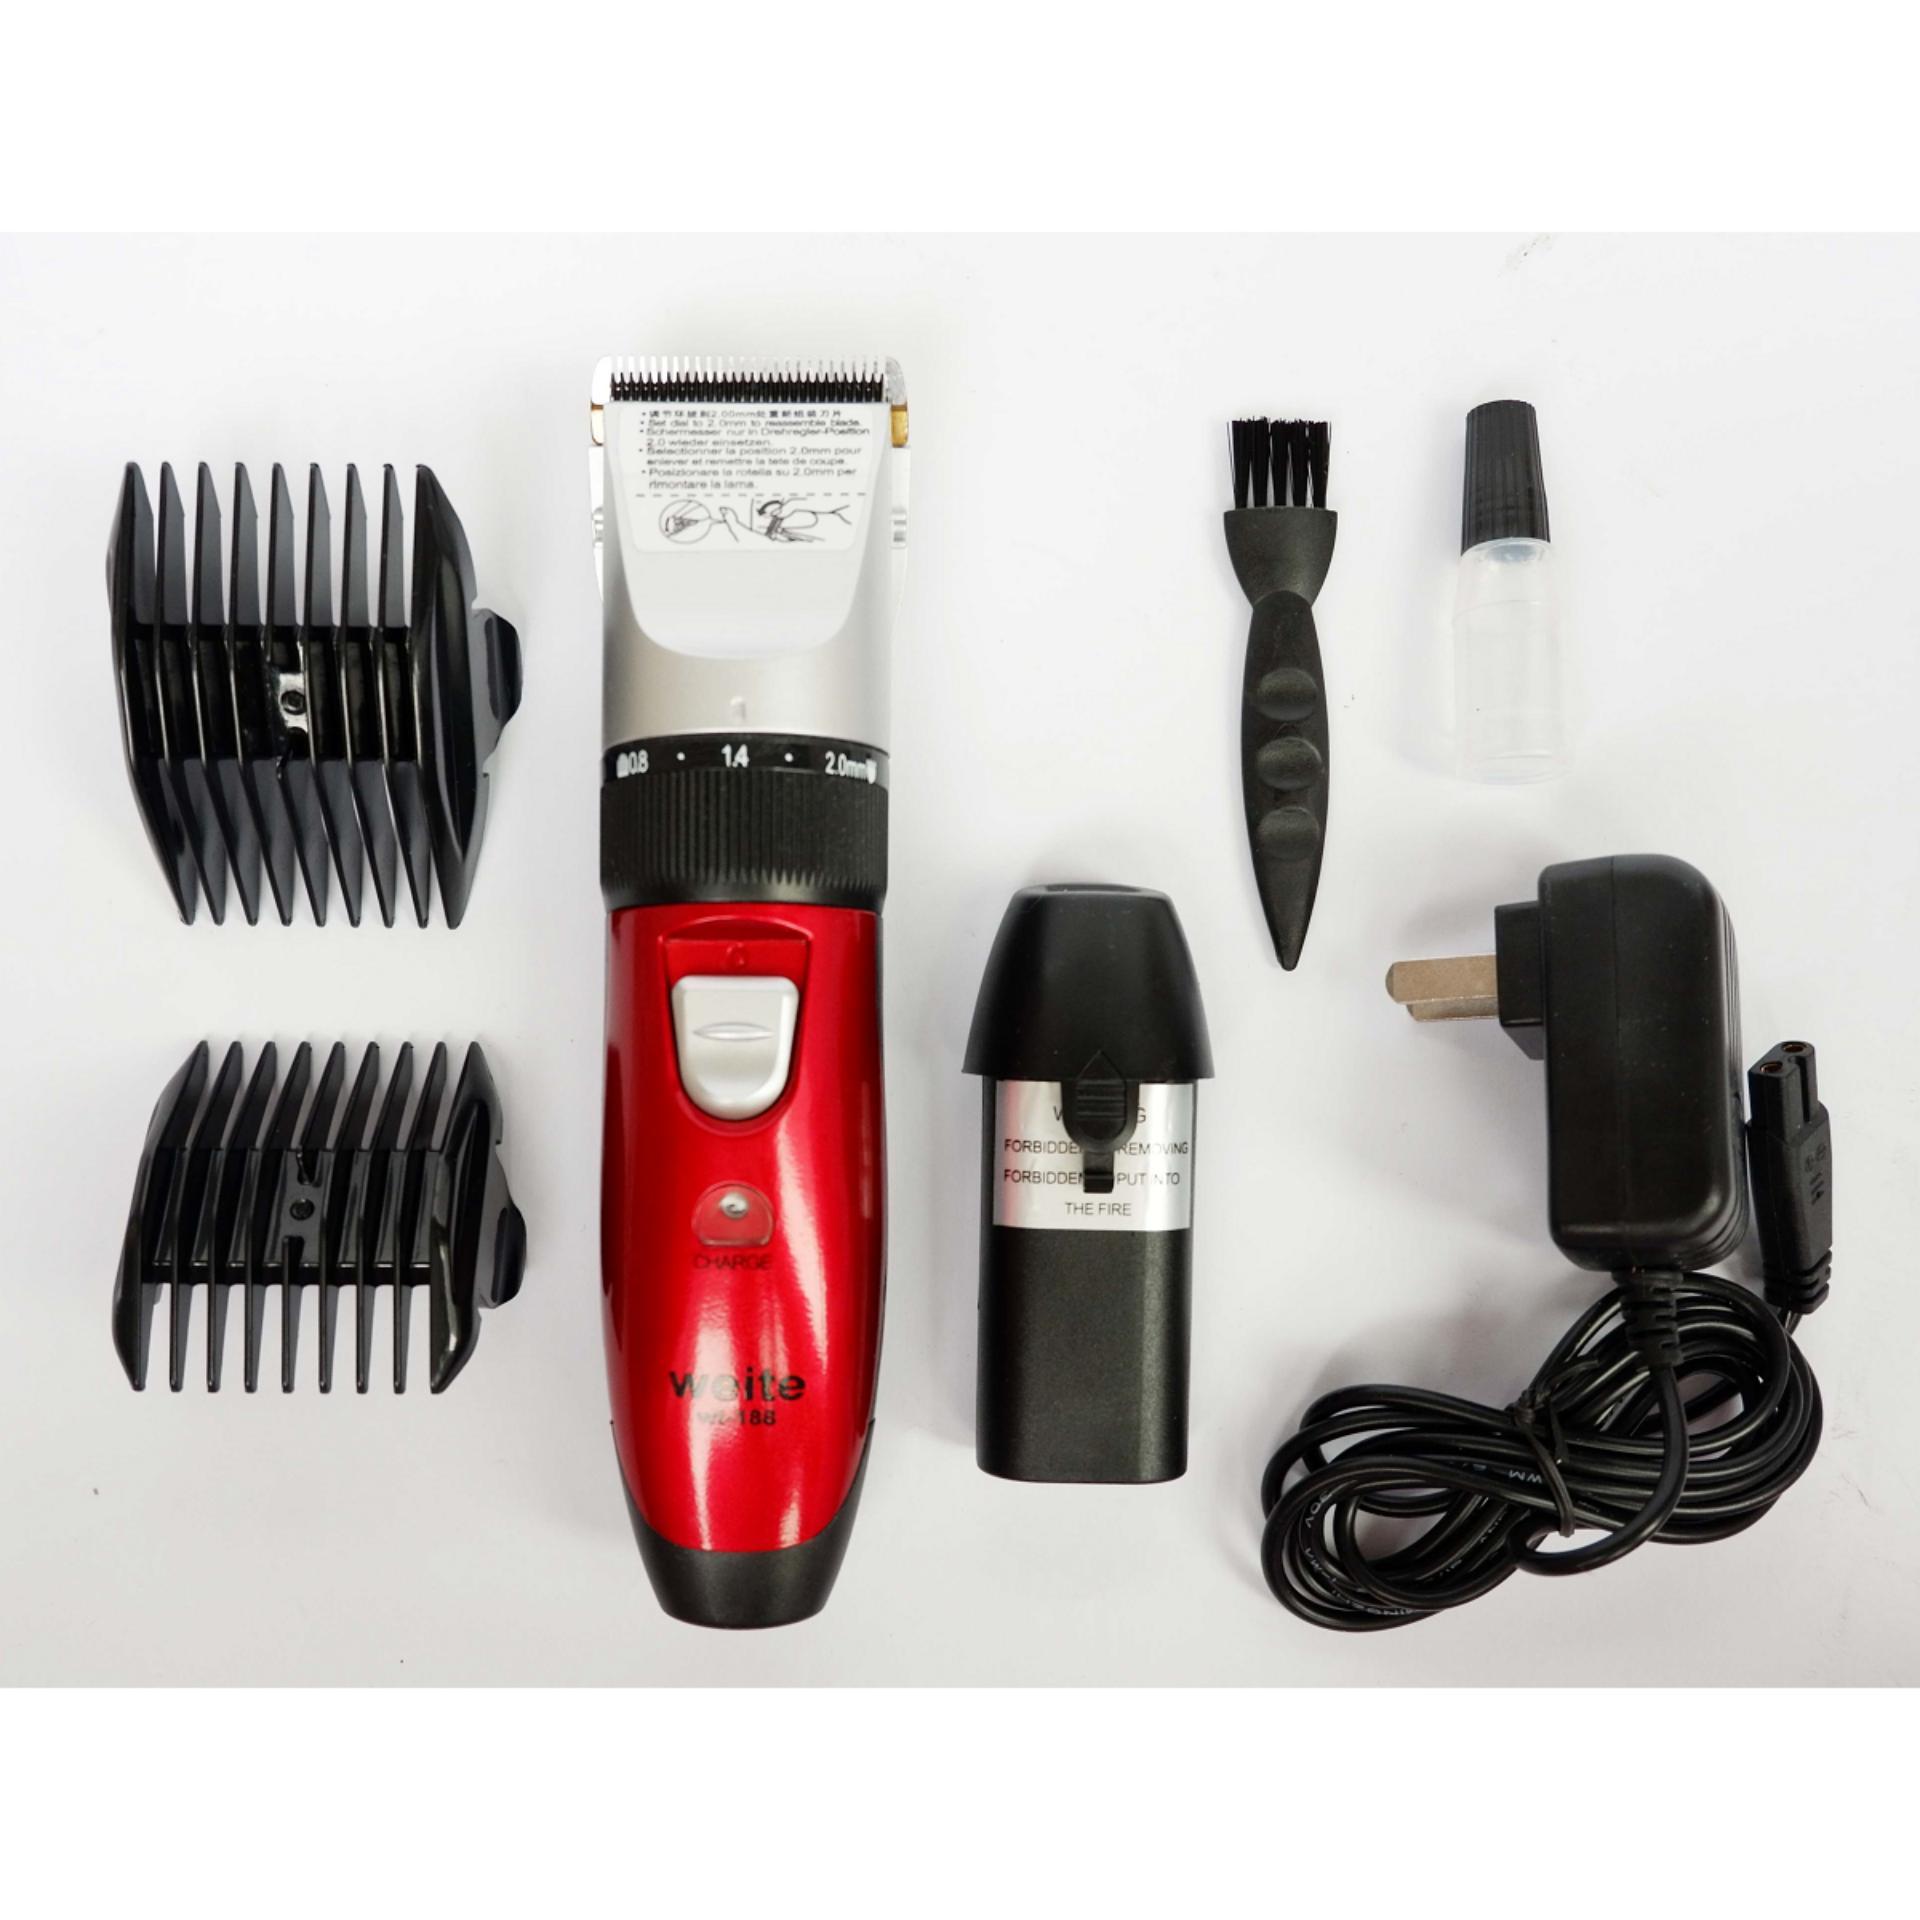 Tăng đơ hớt tóc hoạt động êm, cắt bén WT188 - Bảo hành 12 tháng-Mua tong do cat toc o dau giá rẻ